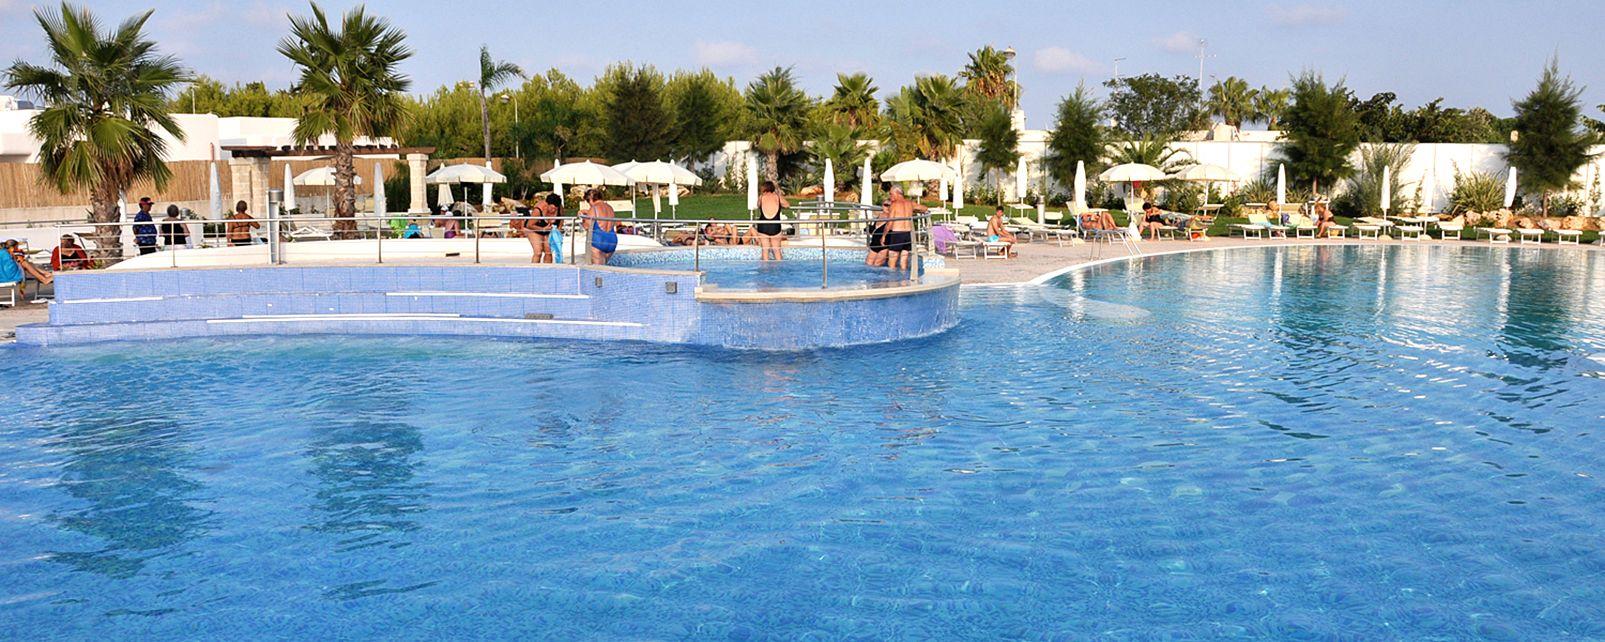 Hotel Riva Marina Resort Carovigno Brindisi